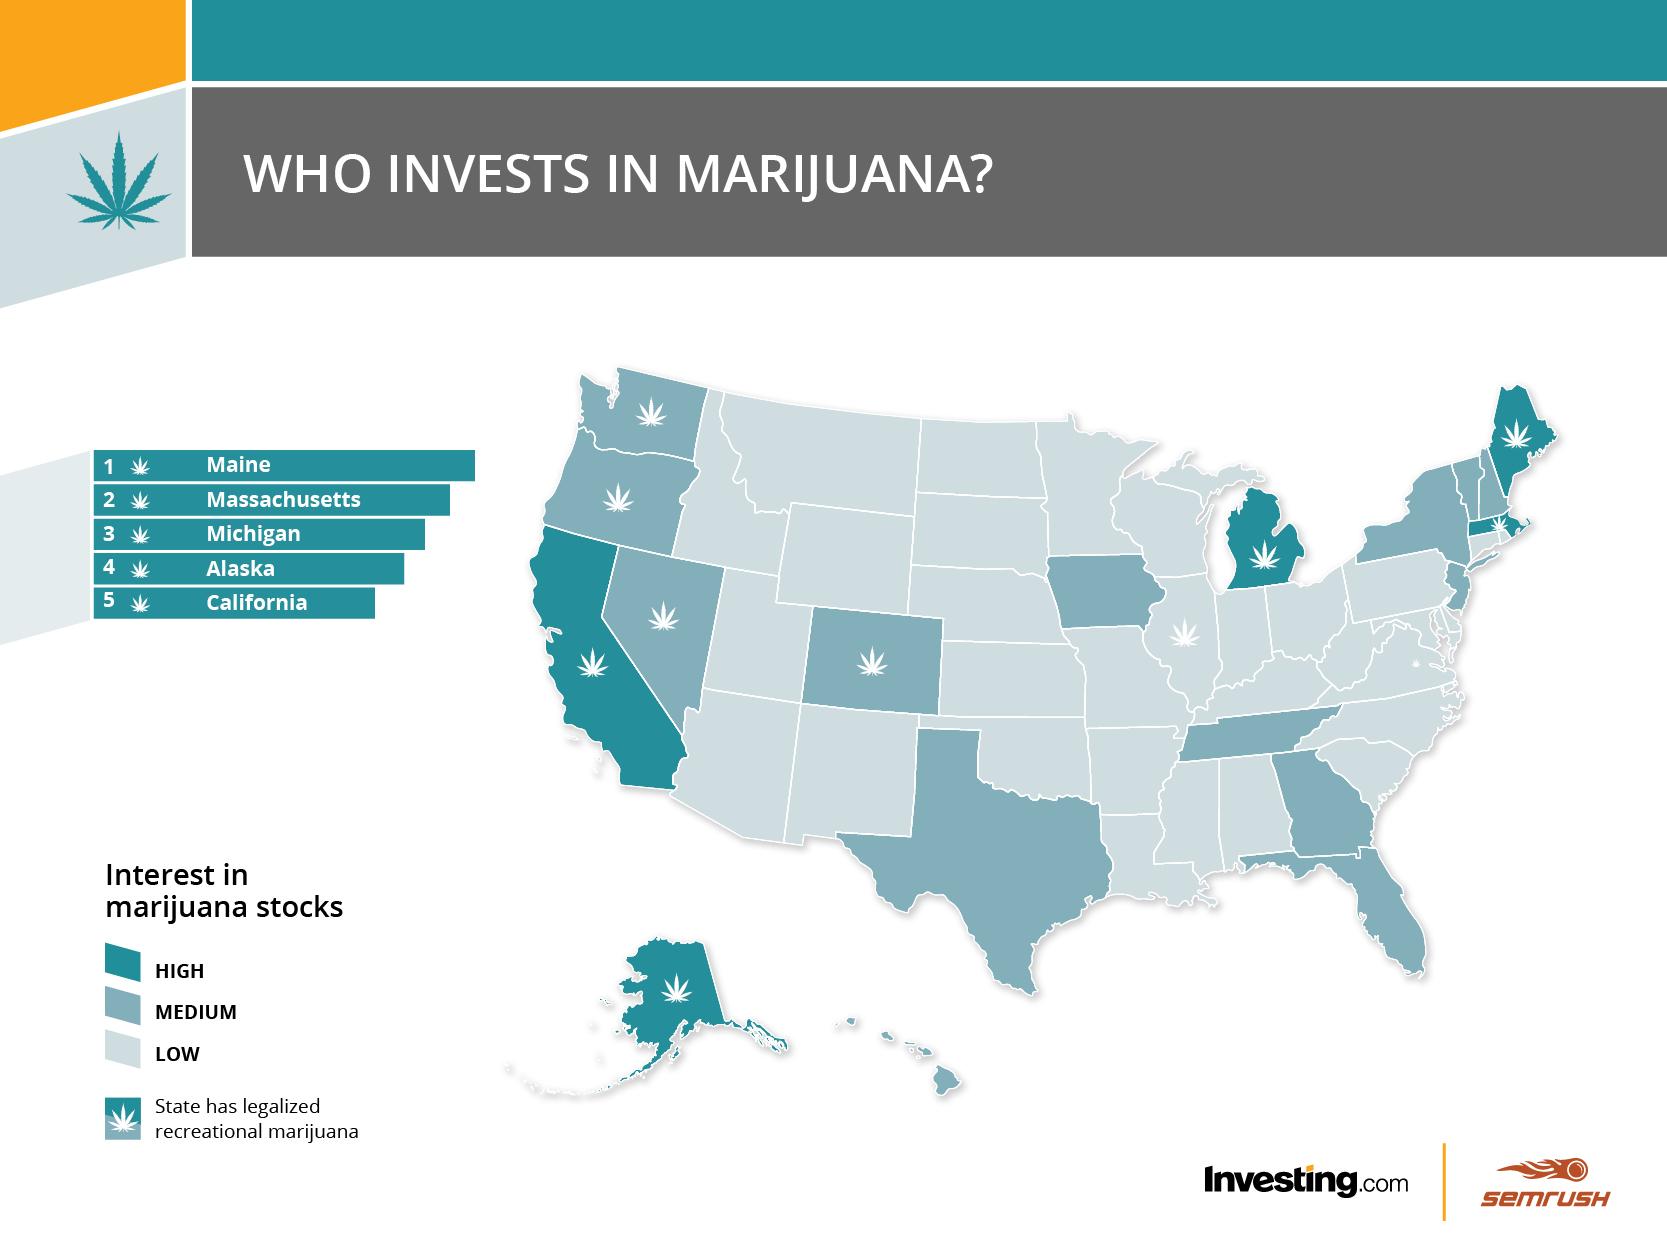 Wie investeert er in marihuana?